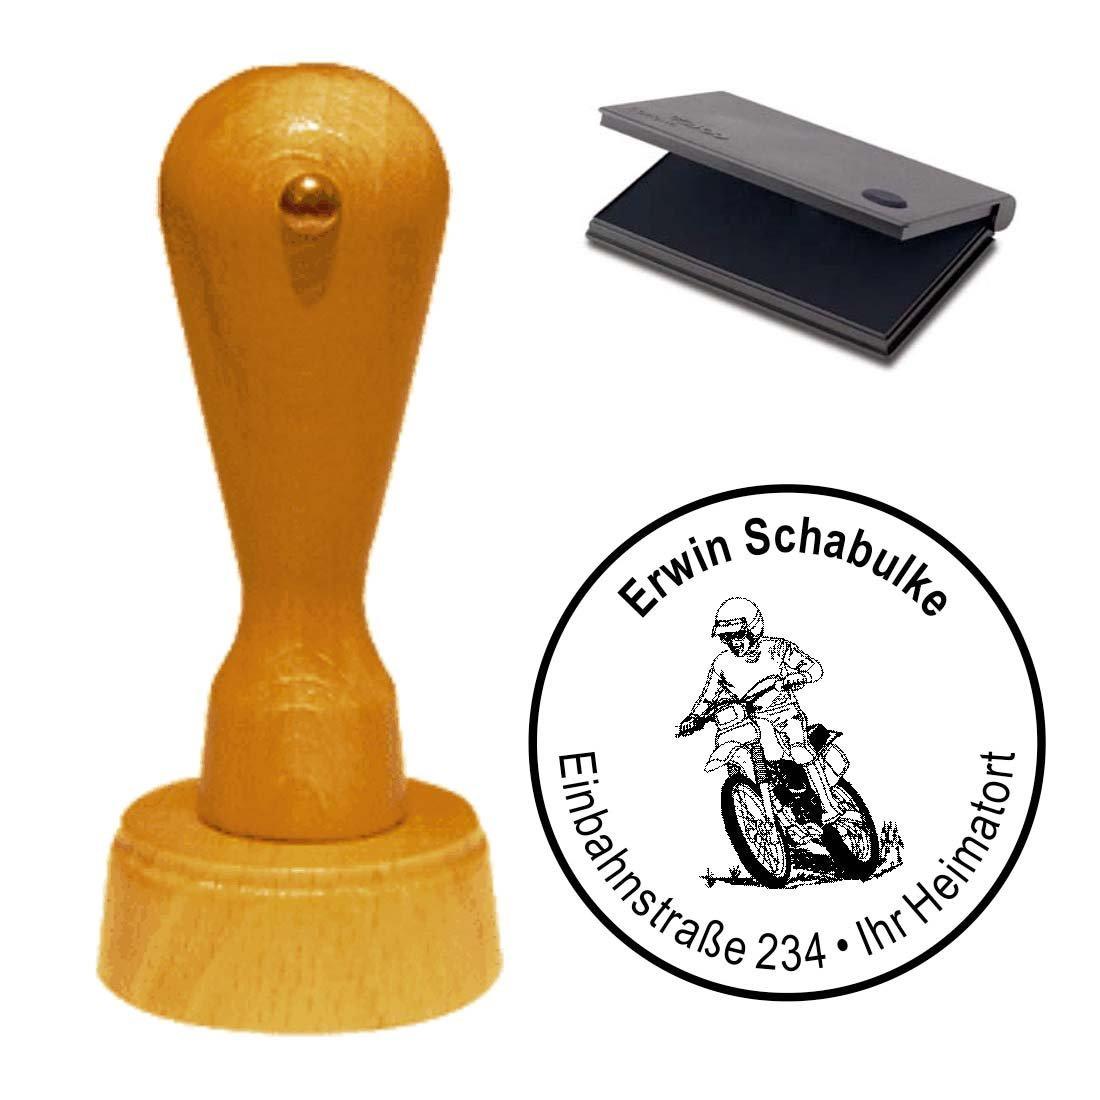 cnbtr Silber europ/äischen Standard 30/Serie Aluminium Slot Carbon Stahl H/älfte rund Rolle in Schiebet/ür T Slot Mutter 50/St/ück silber